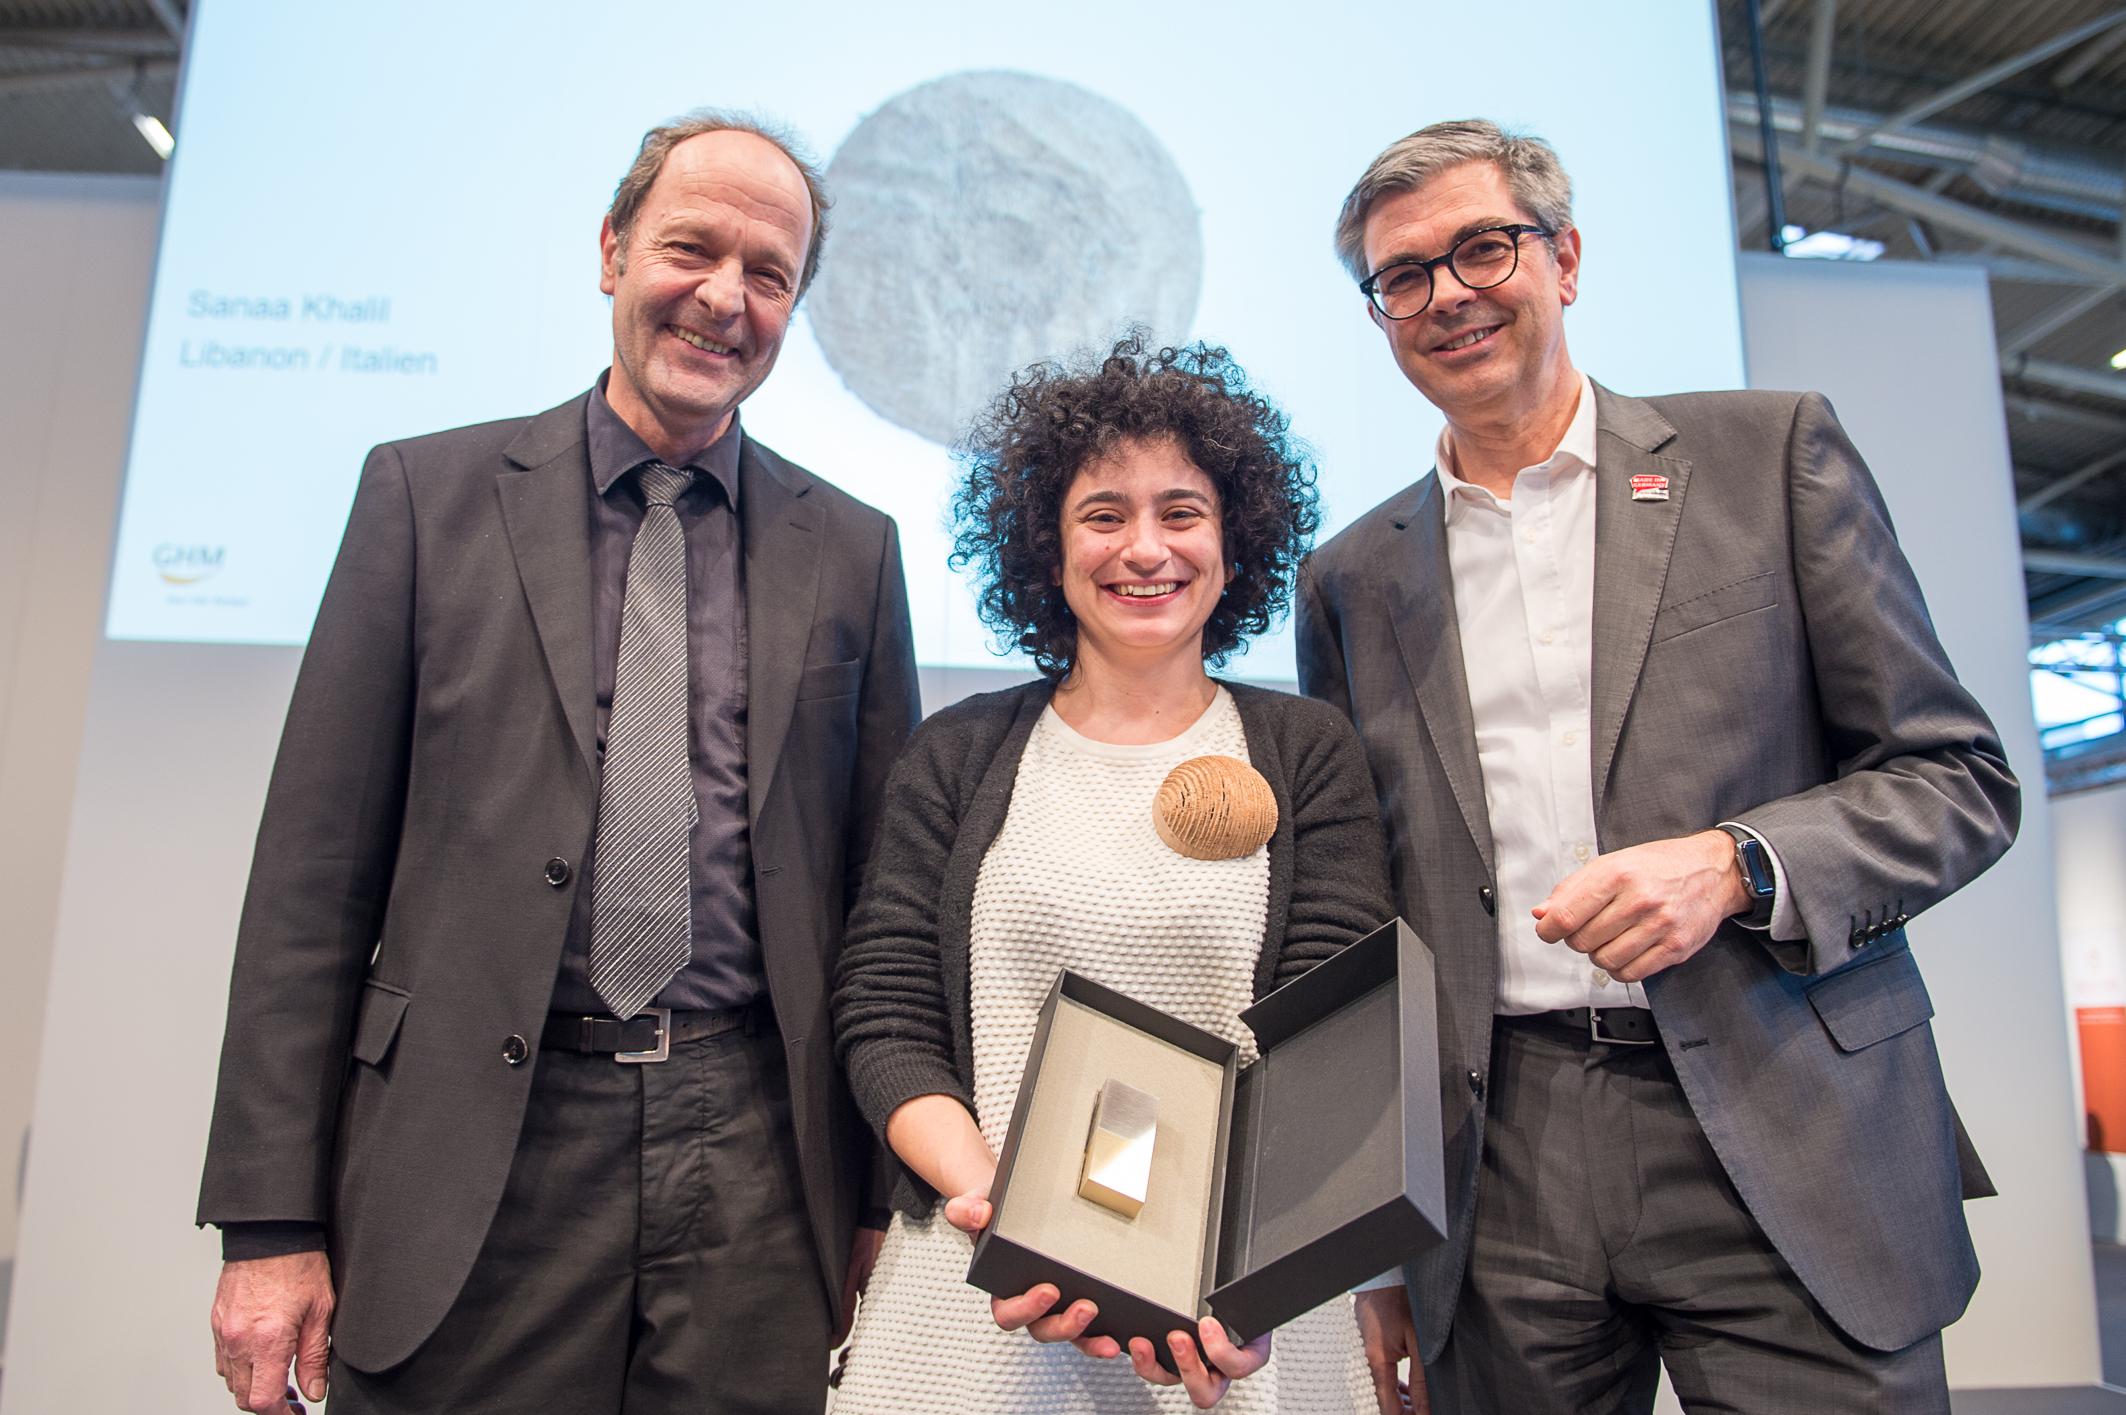 Sanaa Khalil, Wolfgang Lösche, and Dieter Dohr